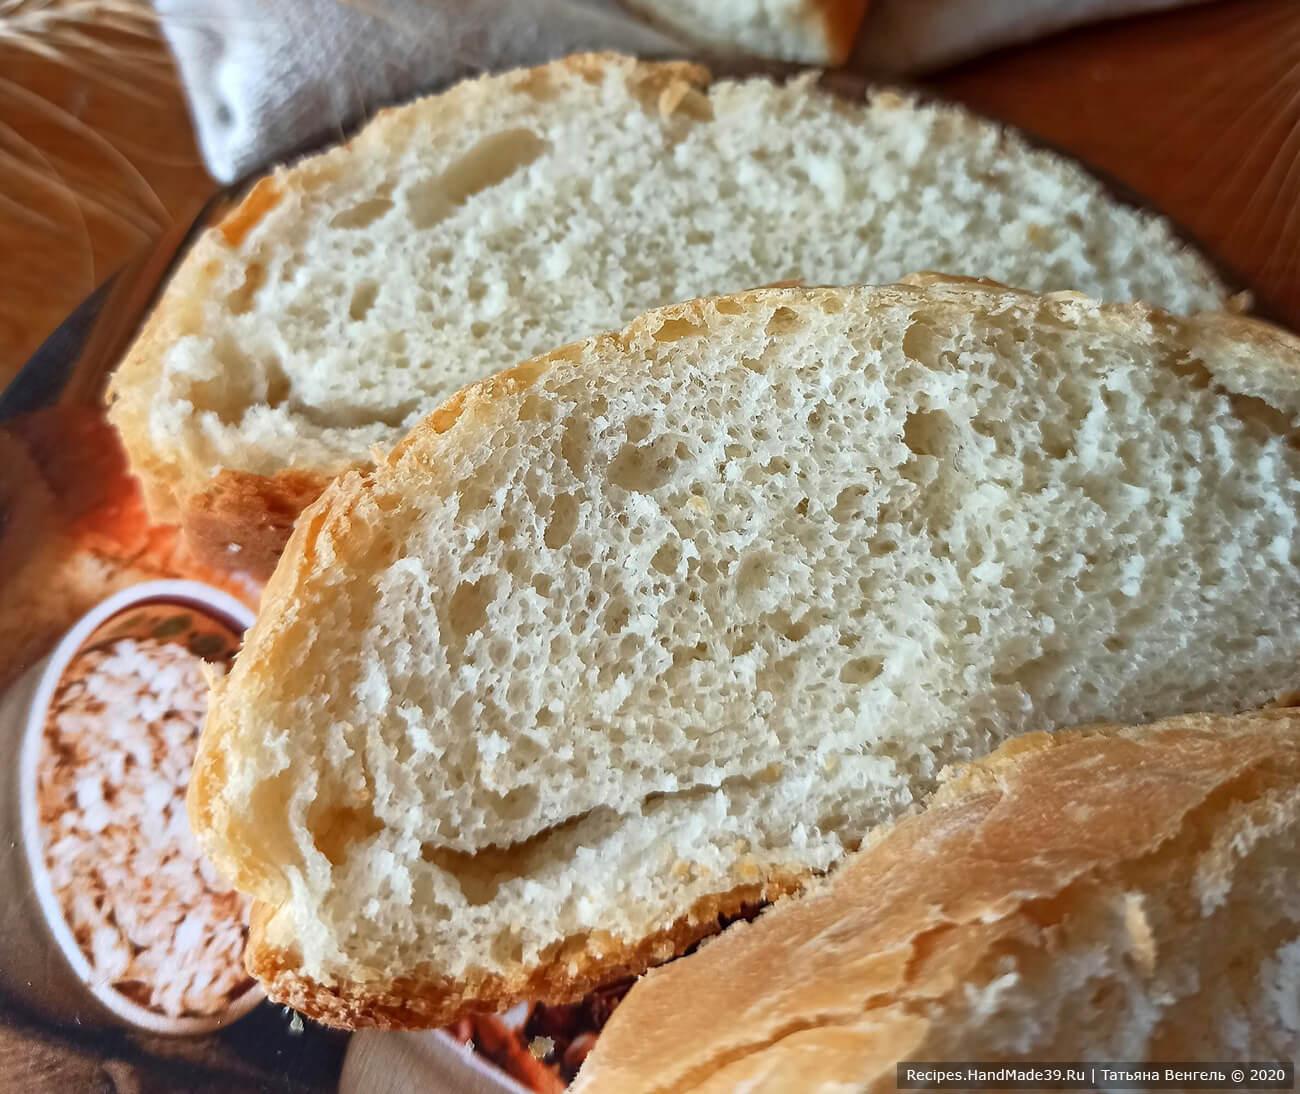 Выпекать хлеб около 40 минут в духовке, разогретой до температуры 180 °C